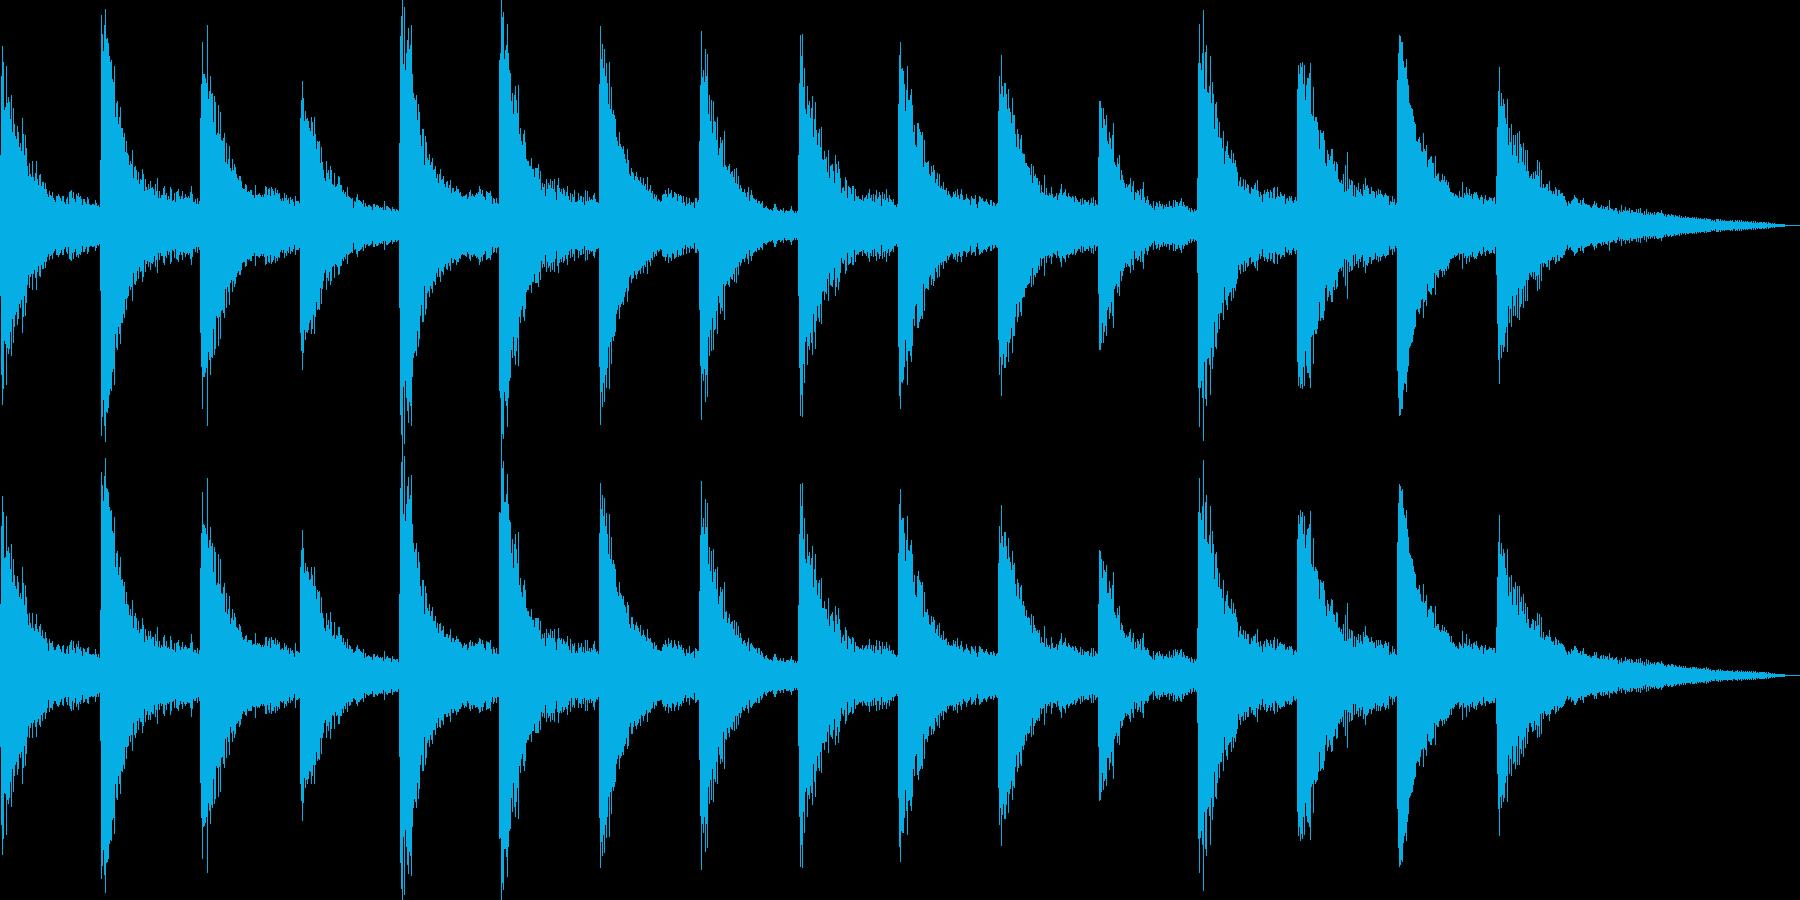 切ないピアノの和音が印象的なバラードの再生済みの波形